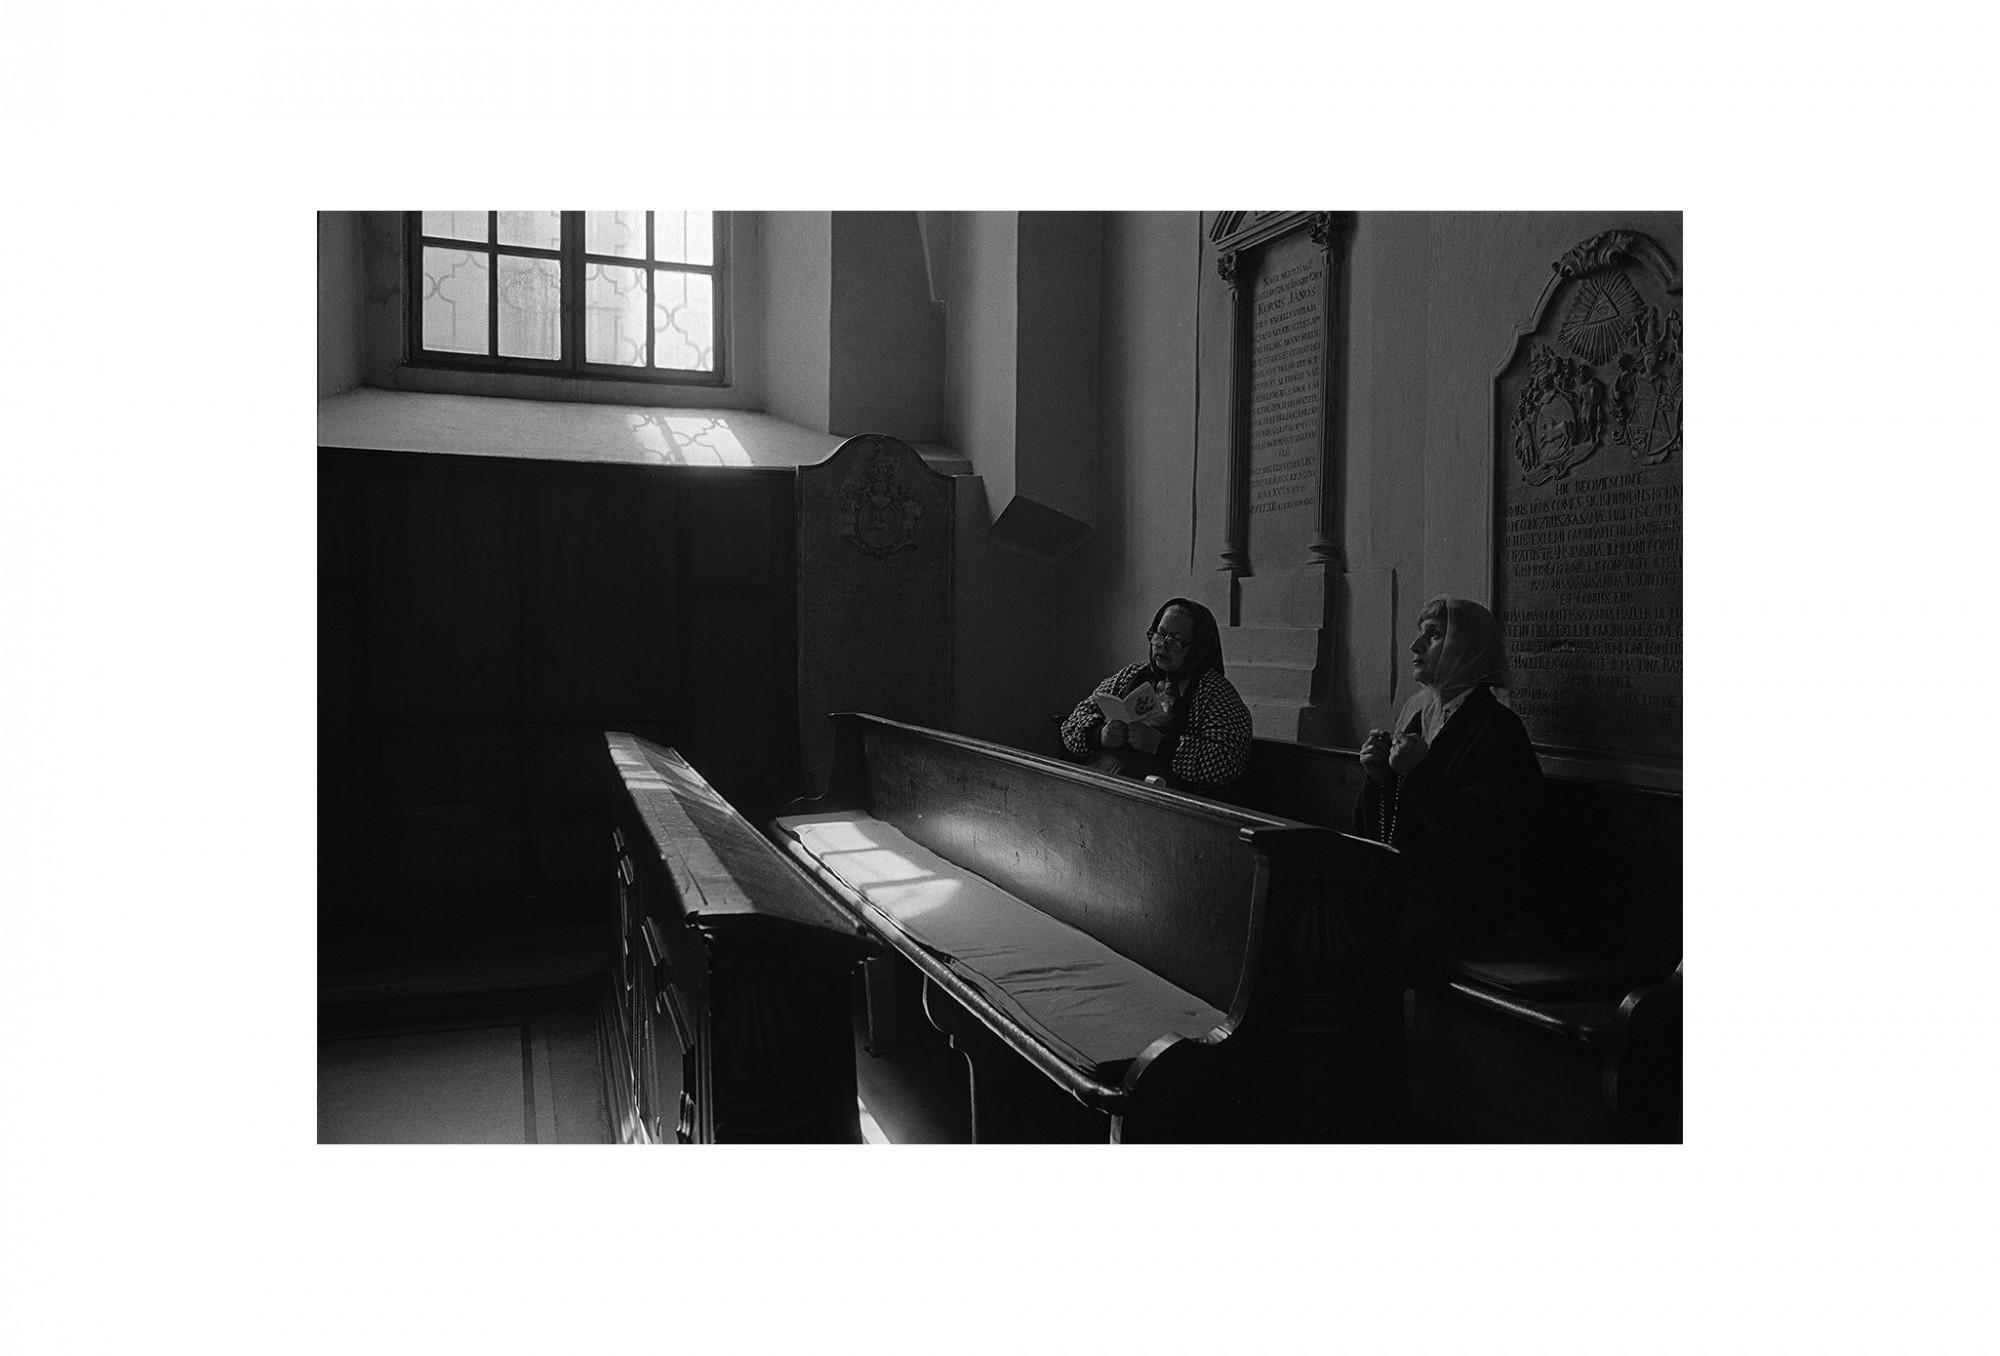 Afbeelding: Fotokunst Dominique Van Huffel, uit de reeks: Waar de sterre bleef stille staan. Roemenië.